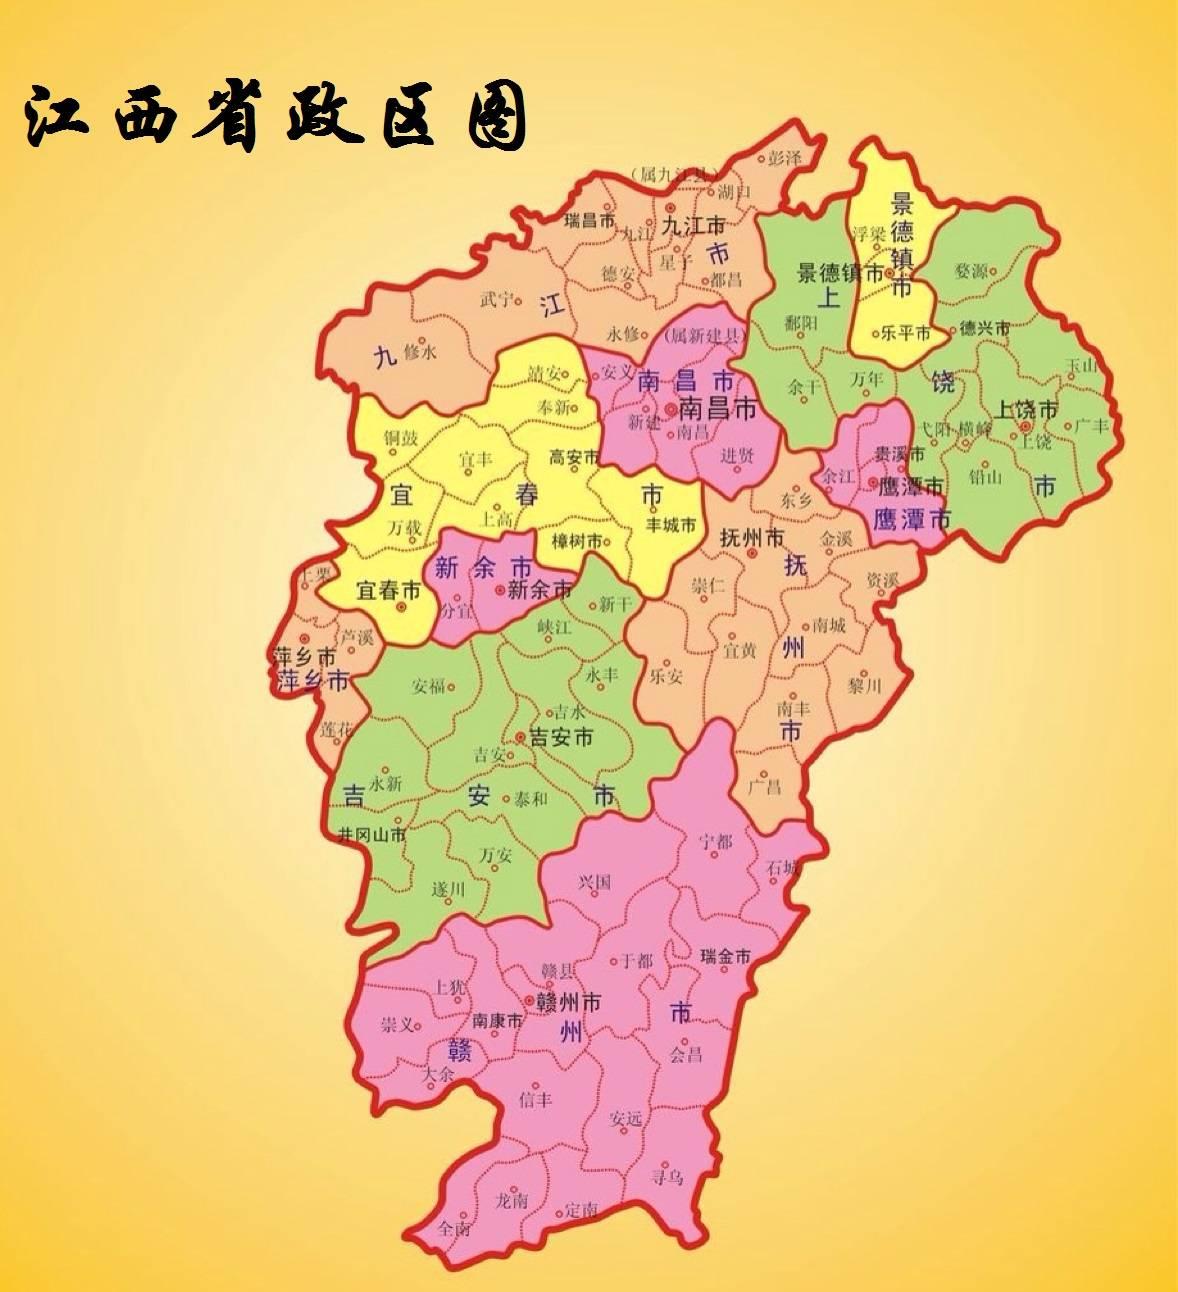 雷州207国道西移规划图